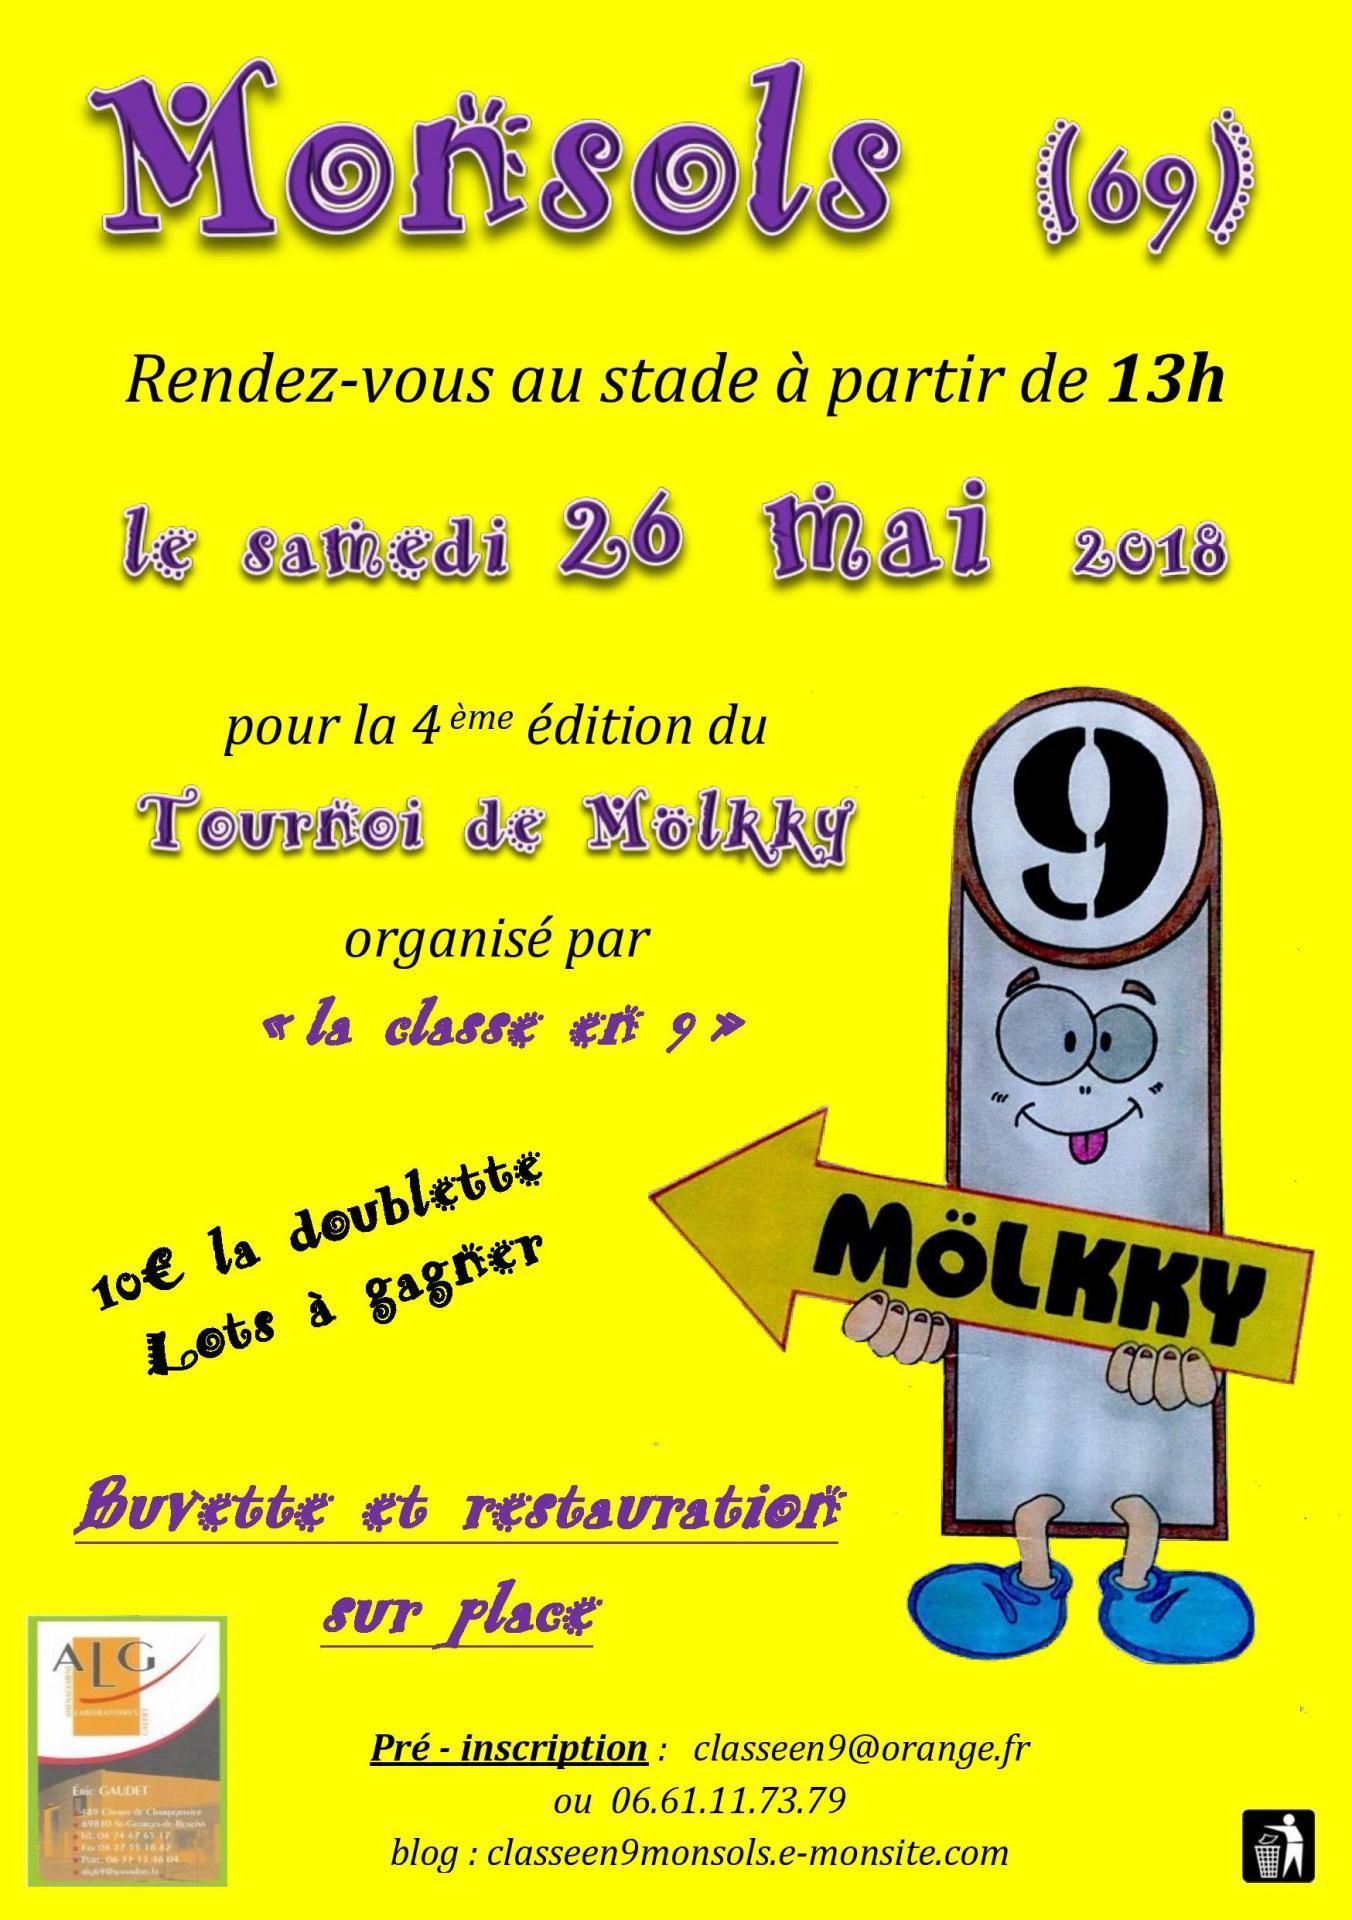 TOURNOI de Molkky 2018 à Monsols